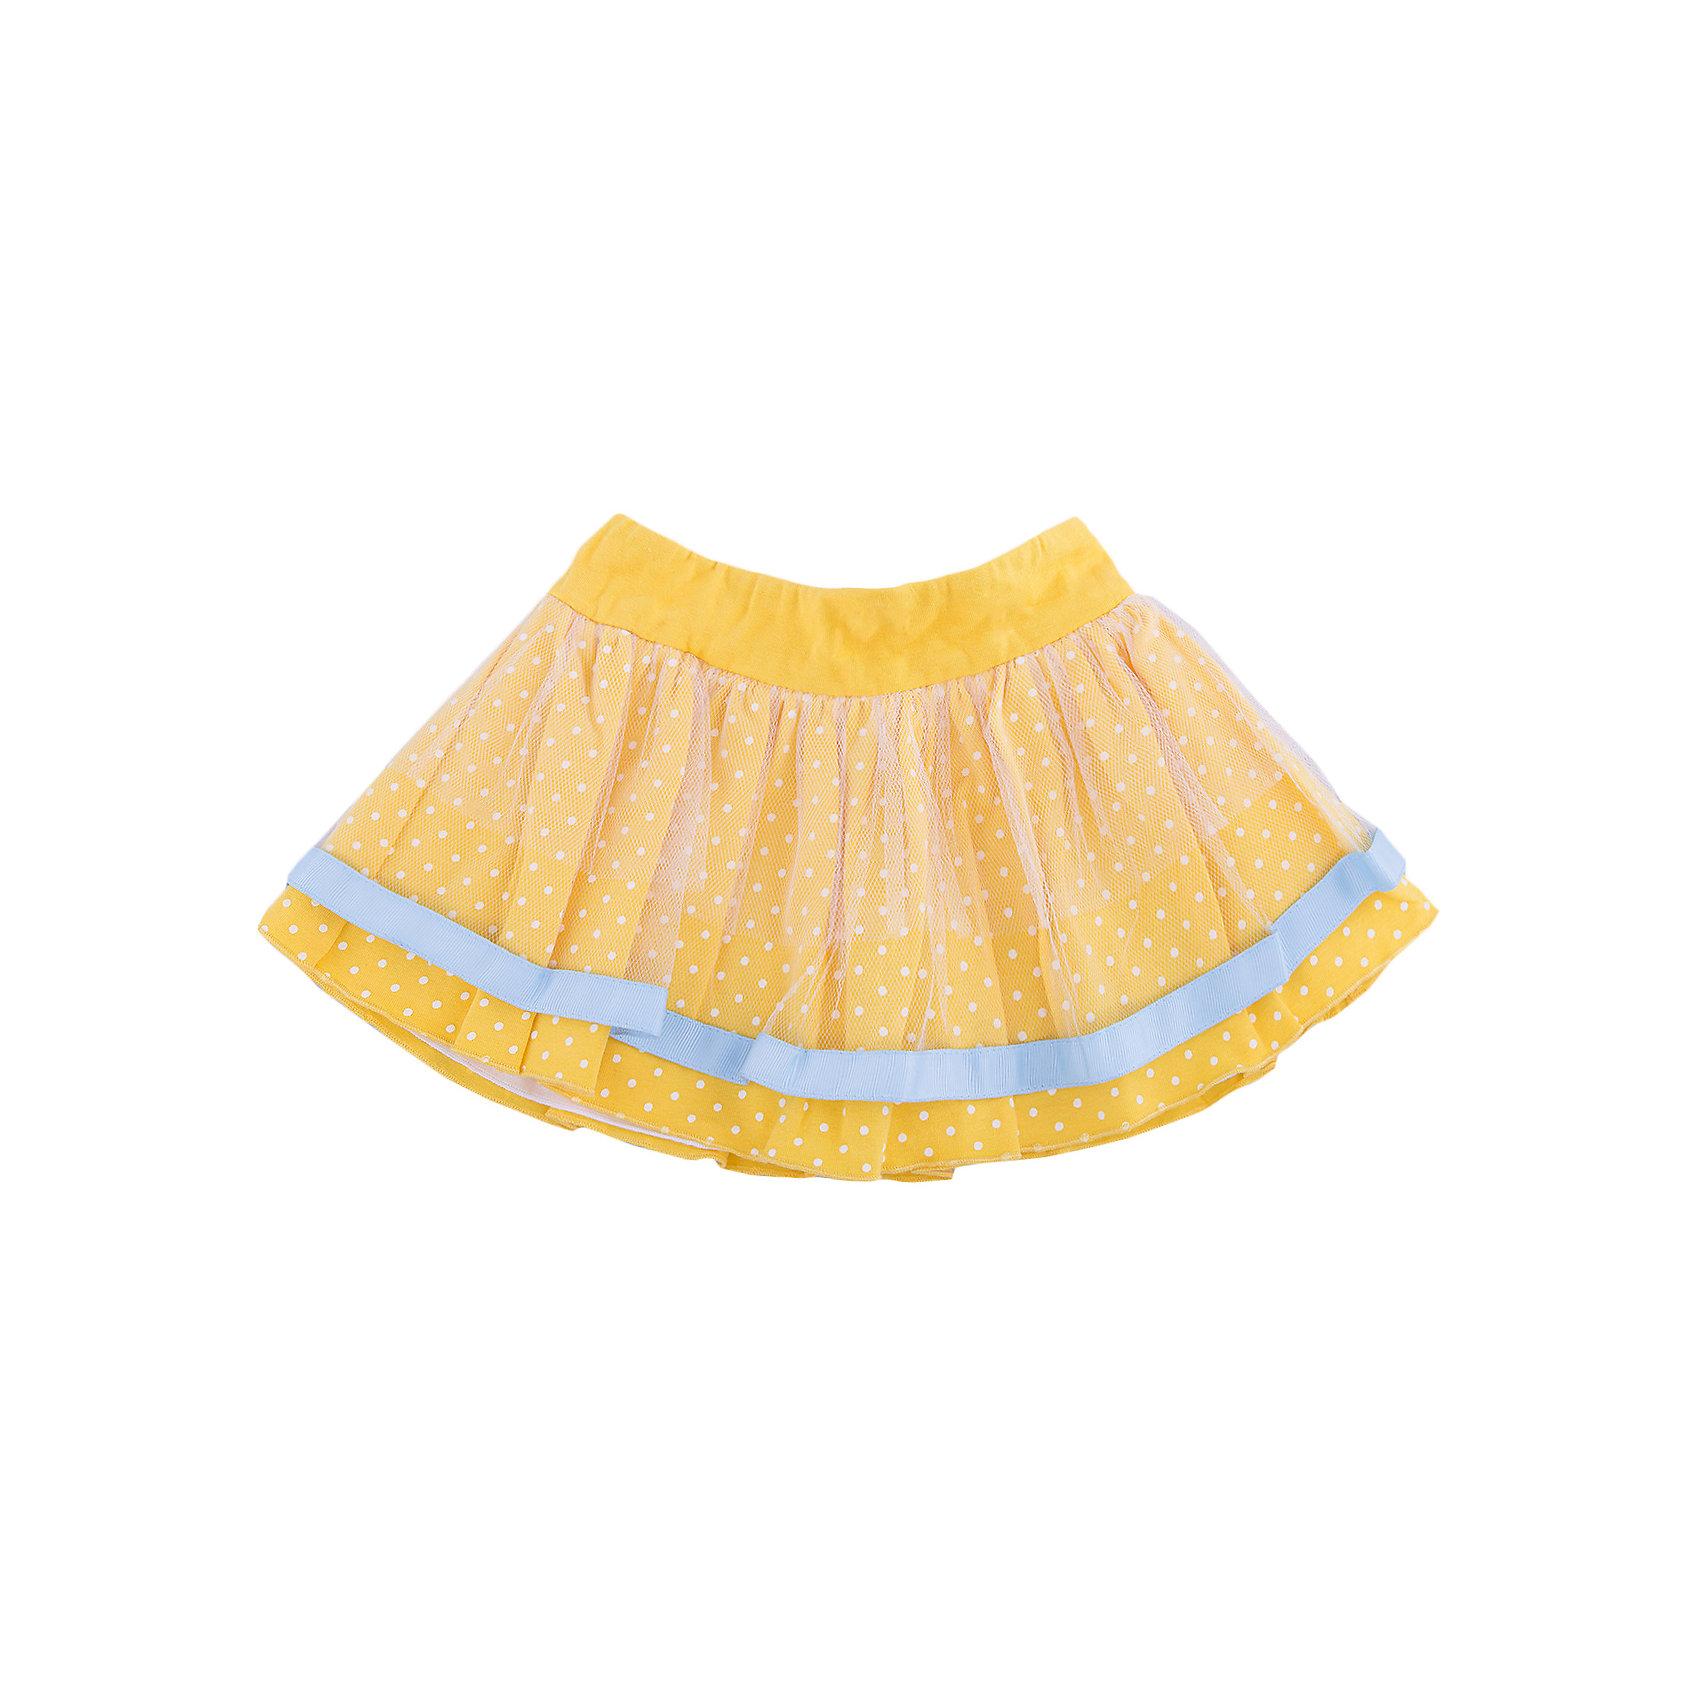 Юбка для девочки WojcikЮбки<br>Характеристики товара:<br><br>• цвет: желтый<br>• состав ткани: хлопок 95%, эластан 5%<br>• пояс: резинка<br>• сезон: лето<br>• страна бренда: Польша<br>• страна изготовитель: Польша<br><br>Эта модель детской одежды сделана из качественного материала, есть подкладка. Желтая юбка для девочки Wojcik - удобная и модная школьная одежда. <br><br>Эта юбка для девочки Войчик отличается модным кроем, пышным силуэтом. Польская одежда для детей от бренда Войчик - это качественные и стильные вещи.<br><br>Юбку для девочки Wojcik (Войчик) можно купить в нашем интернет-магазине.<br><br>Ширина мм: 207<br>Глубина мм: 10<br>Высота мм: 189<br>Вес г: 183<br>Цвет: желтый<br>Возраст от месяцев: 12<br>Возраст до месяцев: 18<br>Пол: Женский<br>Возраст: Детский<br>Размер: 86,68,74<br>SKU: 5588335